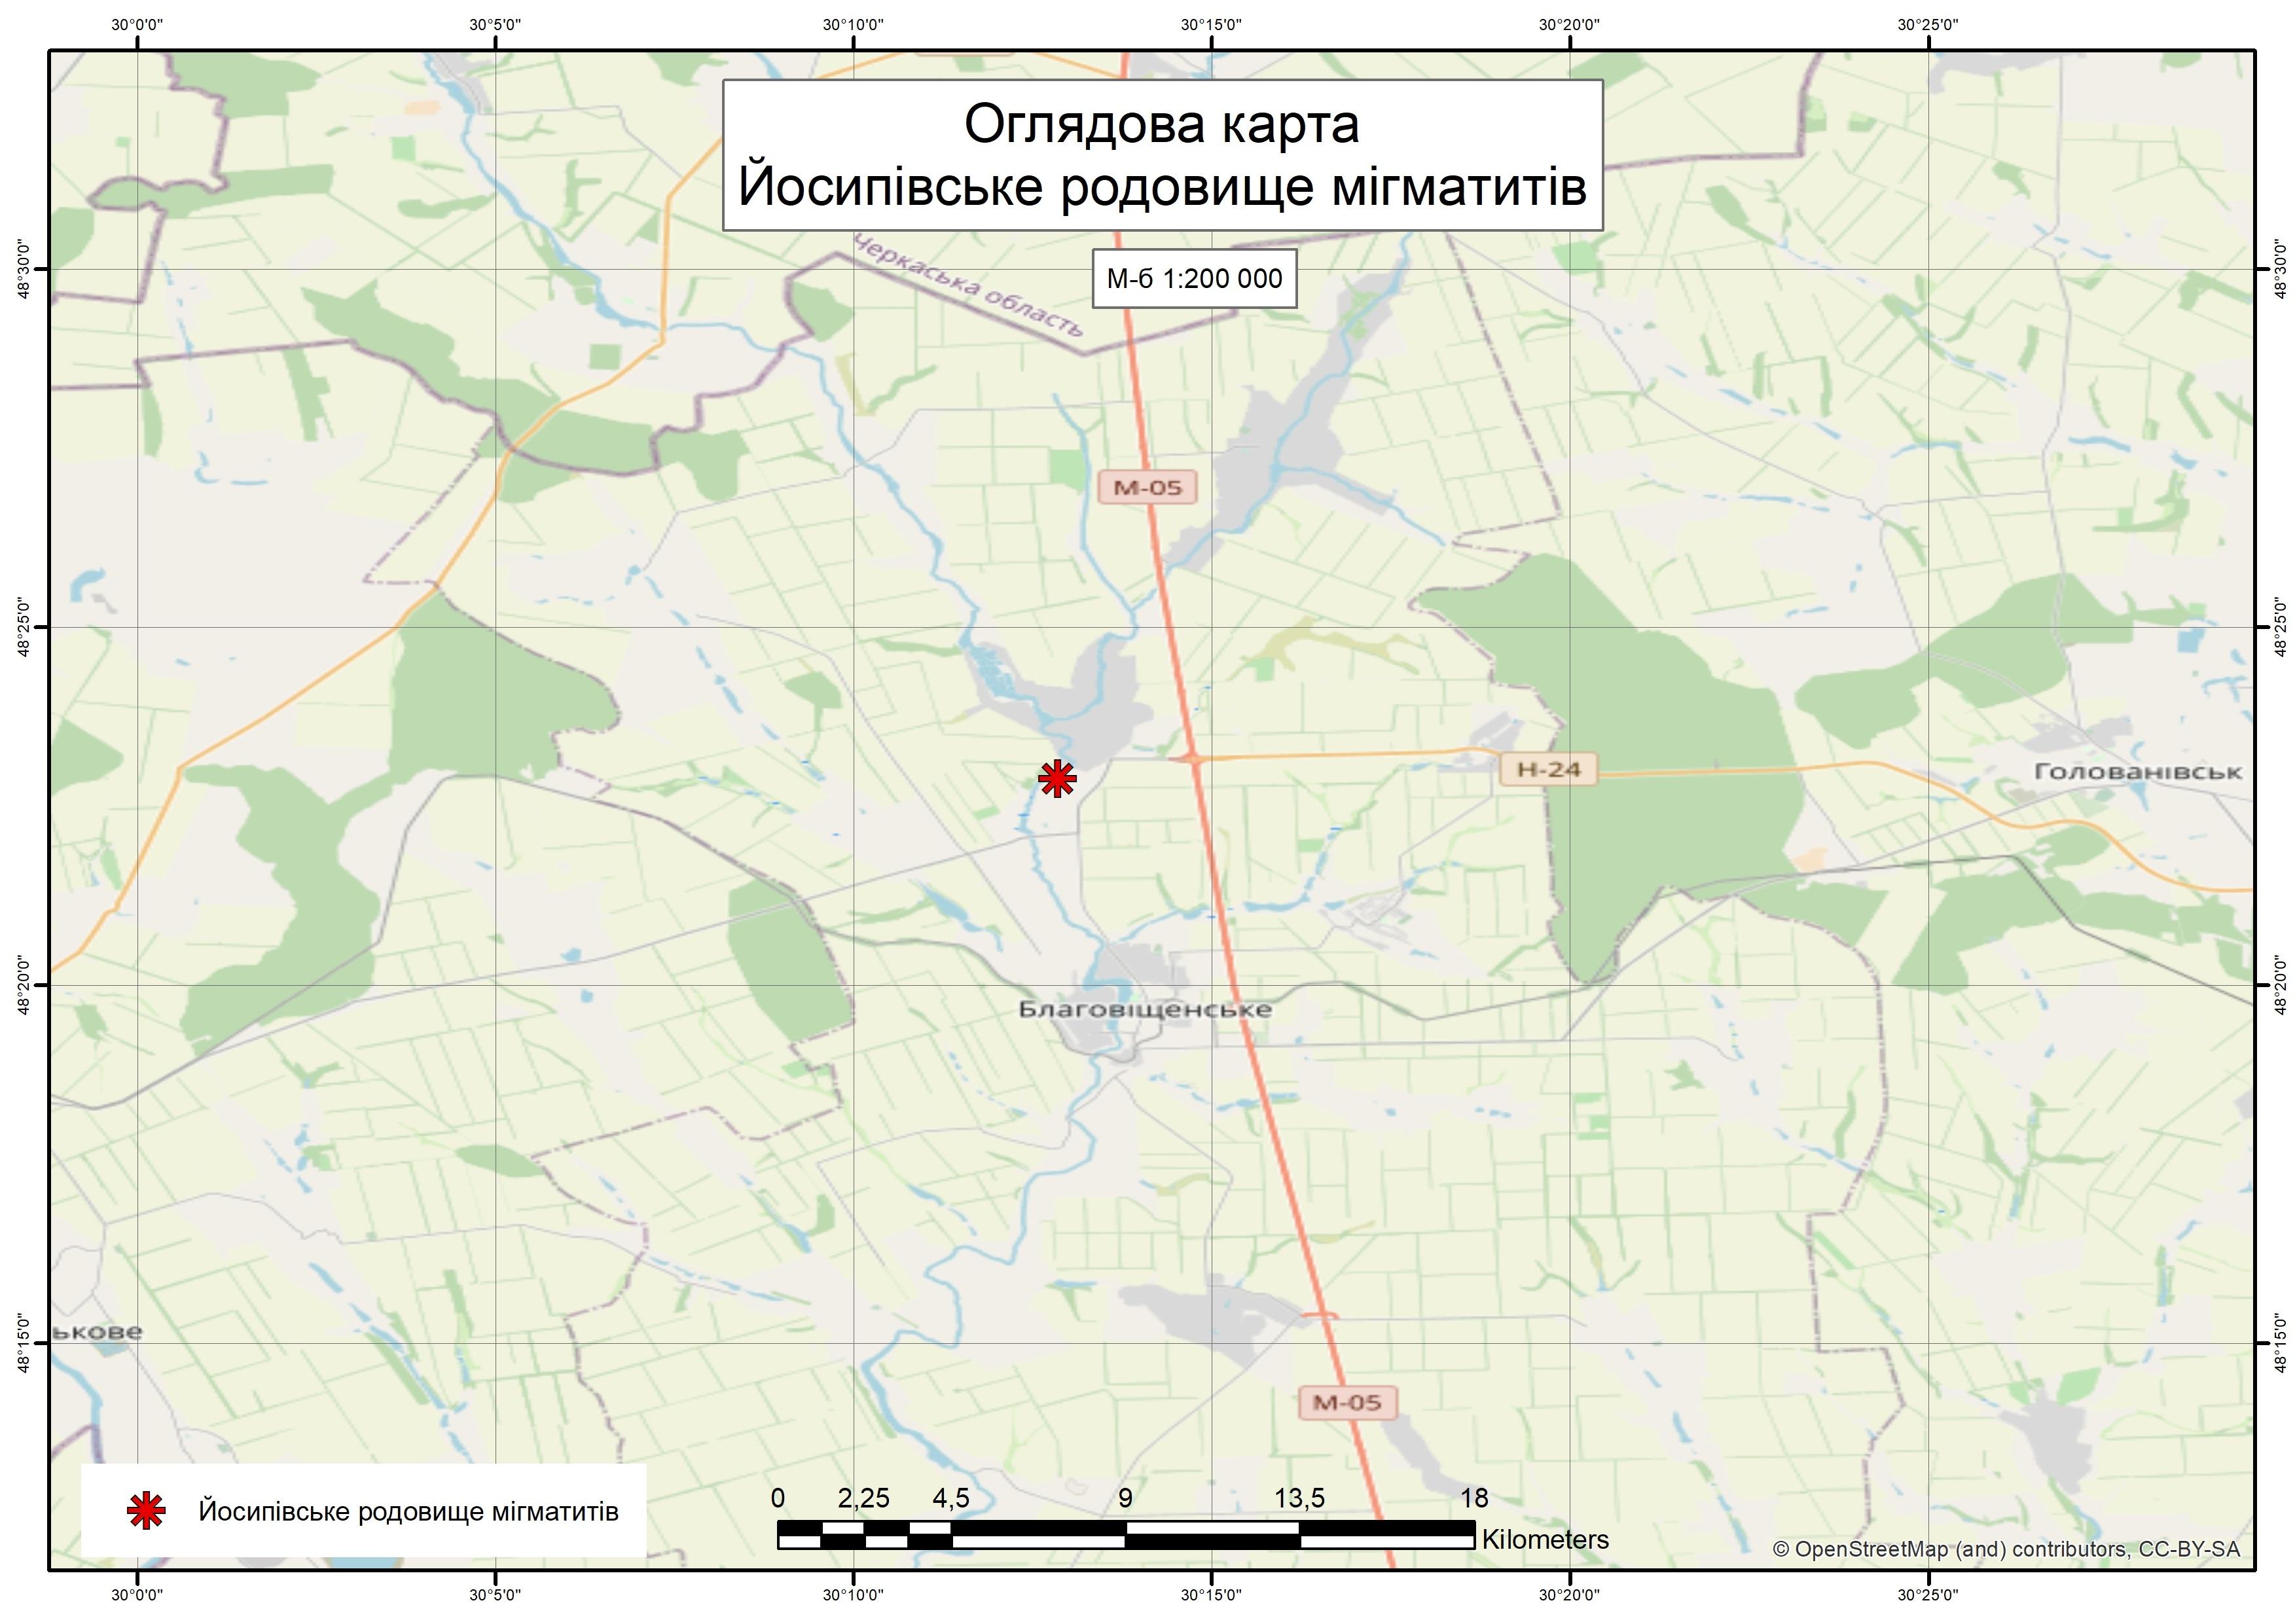 Спеціальний дозвіл на користування надрами – Йосипівське родовище. Вартість геологічної інформації – 184 541,84 грн (з ПДВ). Вартість пакету аукціонної документації – 17 508,39 грн (з ПДВ).